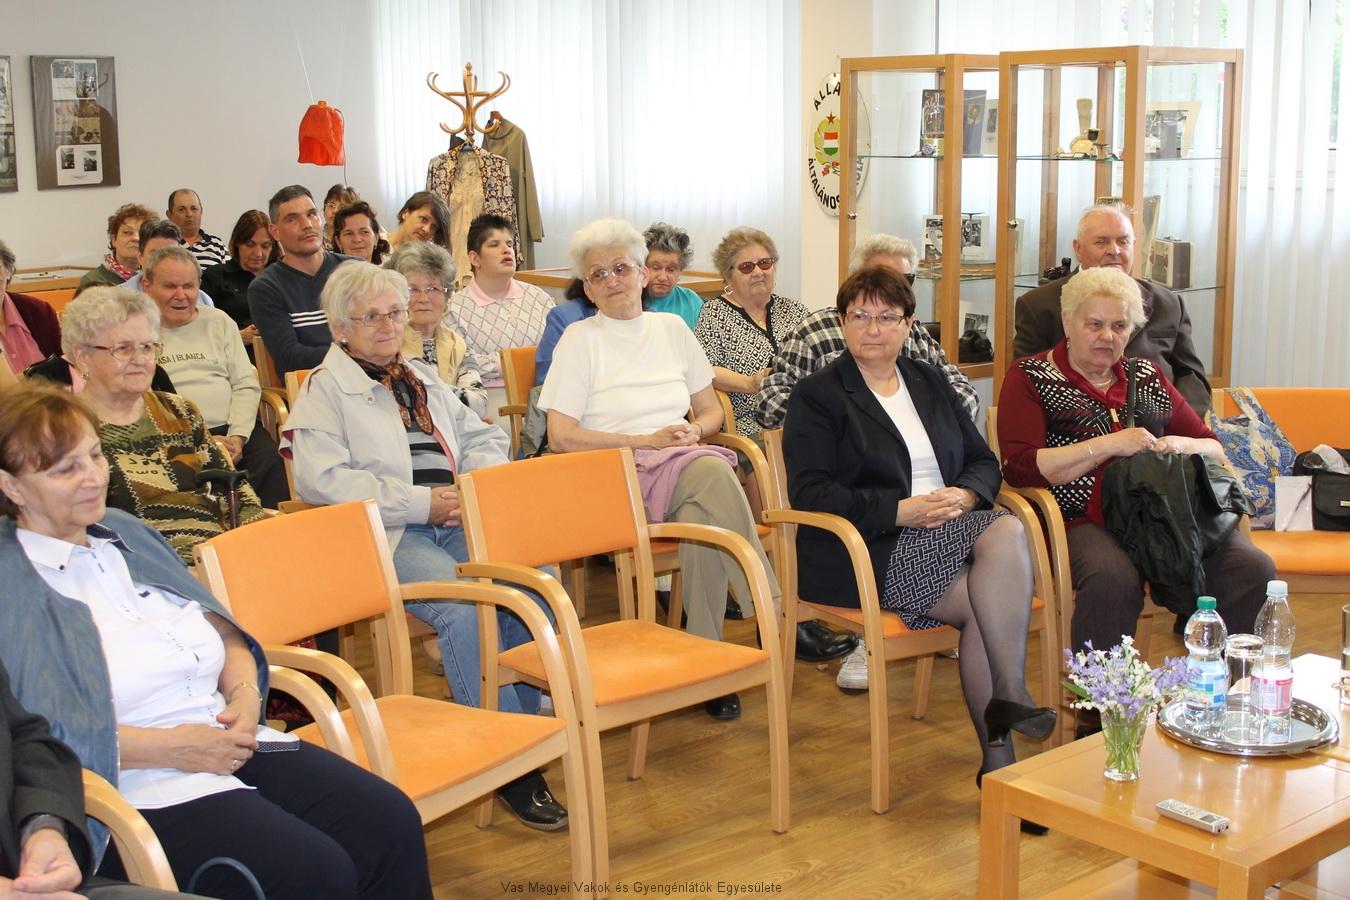 A kép jobb oldalán Nagy Lászlóné Marika alelnök asszony ül. Ő képviselte a Vakok és Gyengénlátók Vas Megyei Egyesületét. A képen még sokan láthatók, akik érdeklődéssel hallgatják az előadást.